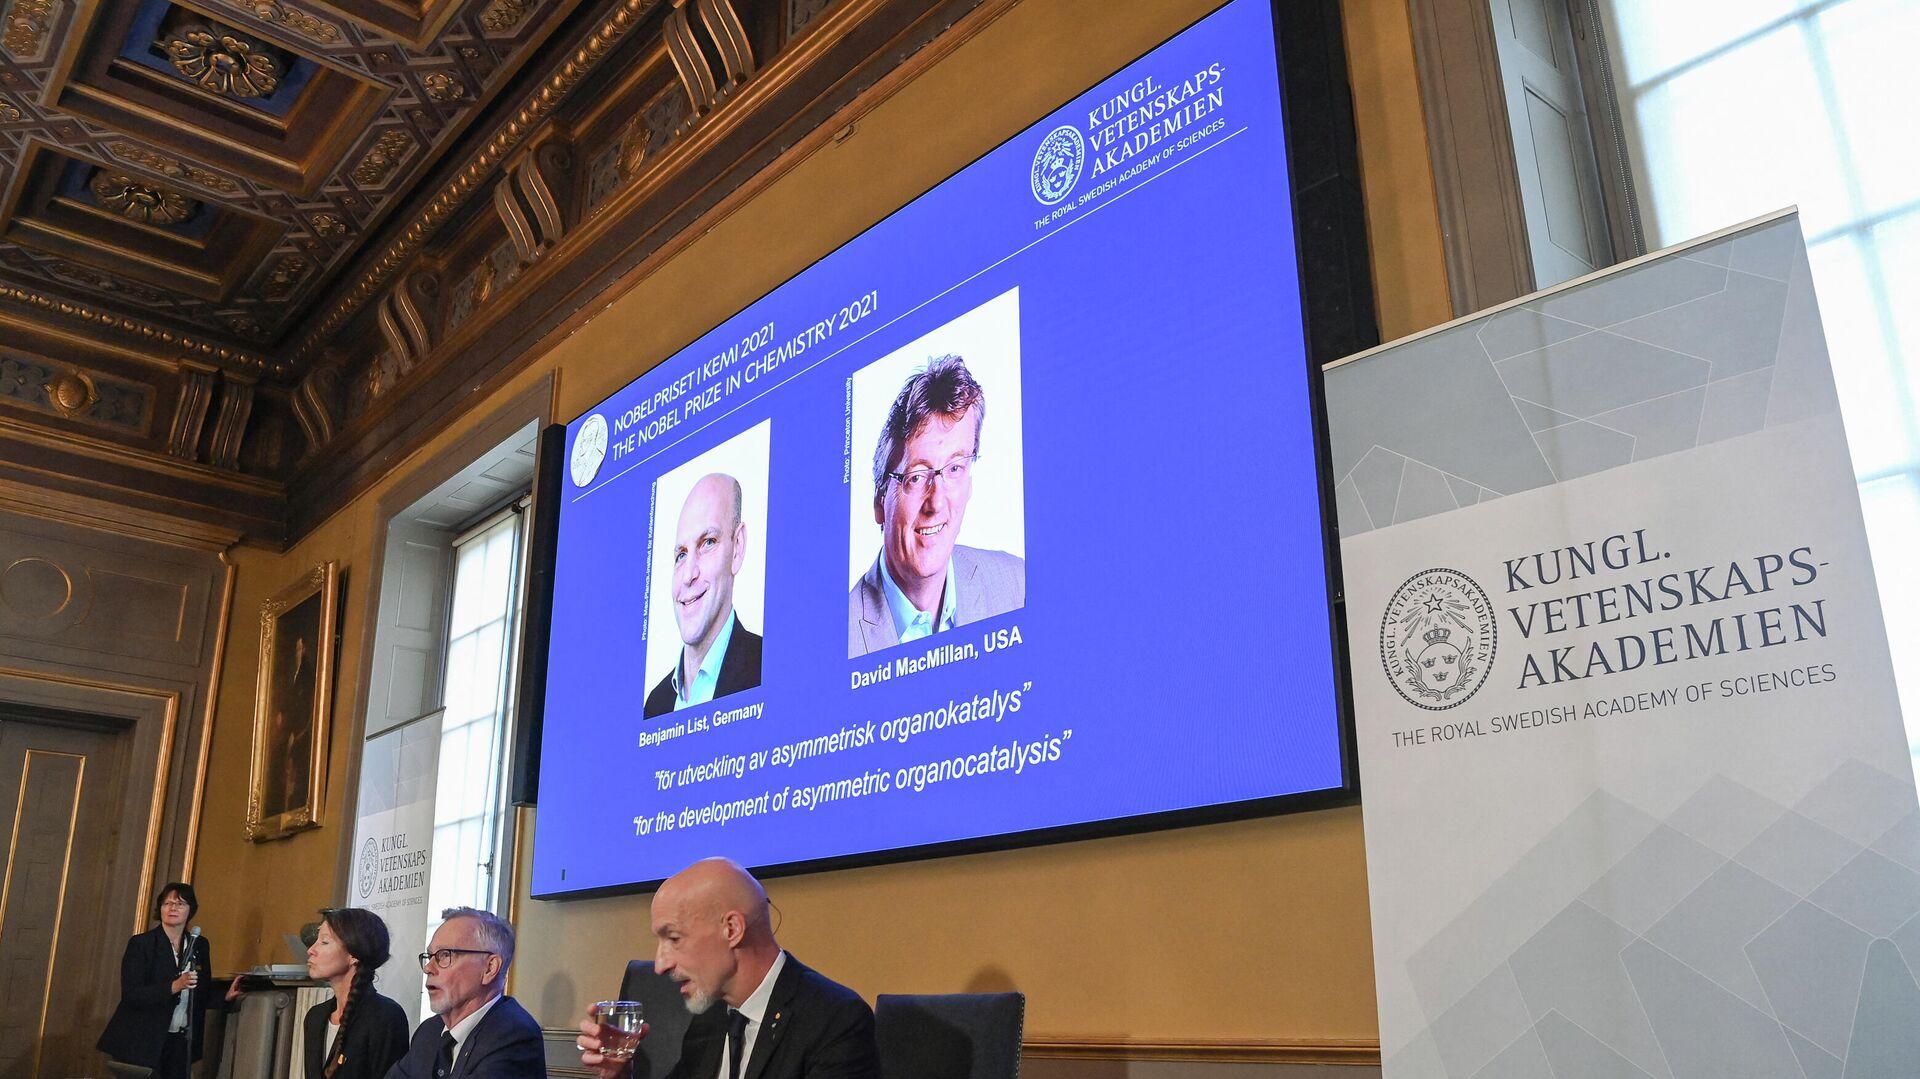 Нобелевская премия 2021 года по химии присуждена ученым Бенджамину Листу (Benjamin List) и Дэвиду Макмиллану (David MacMillan) - Sputnik Грузия, 1920, 06.10.2021